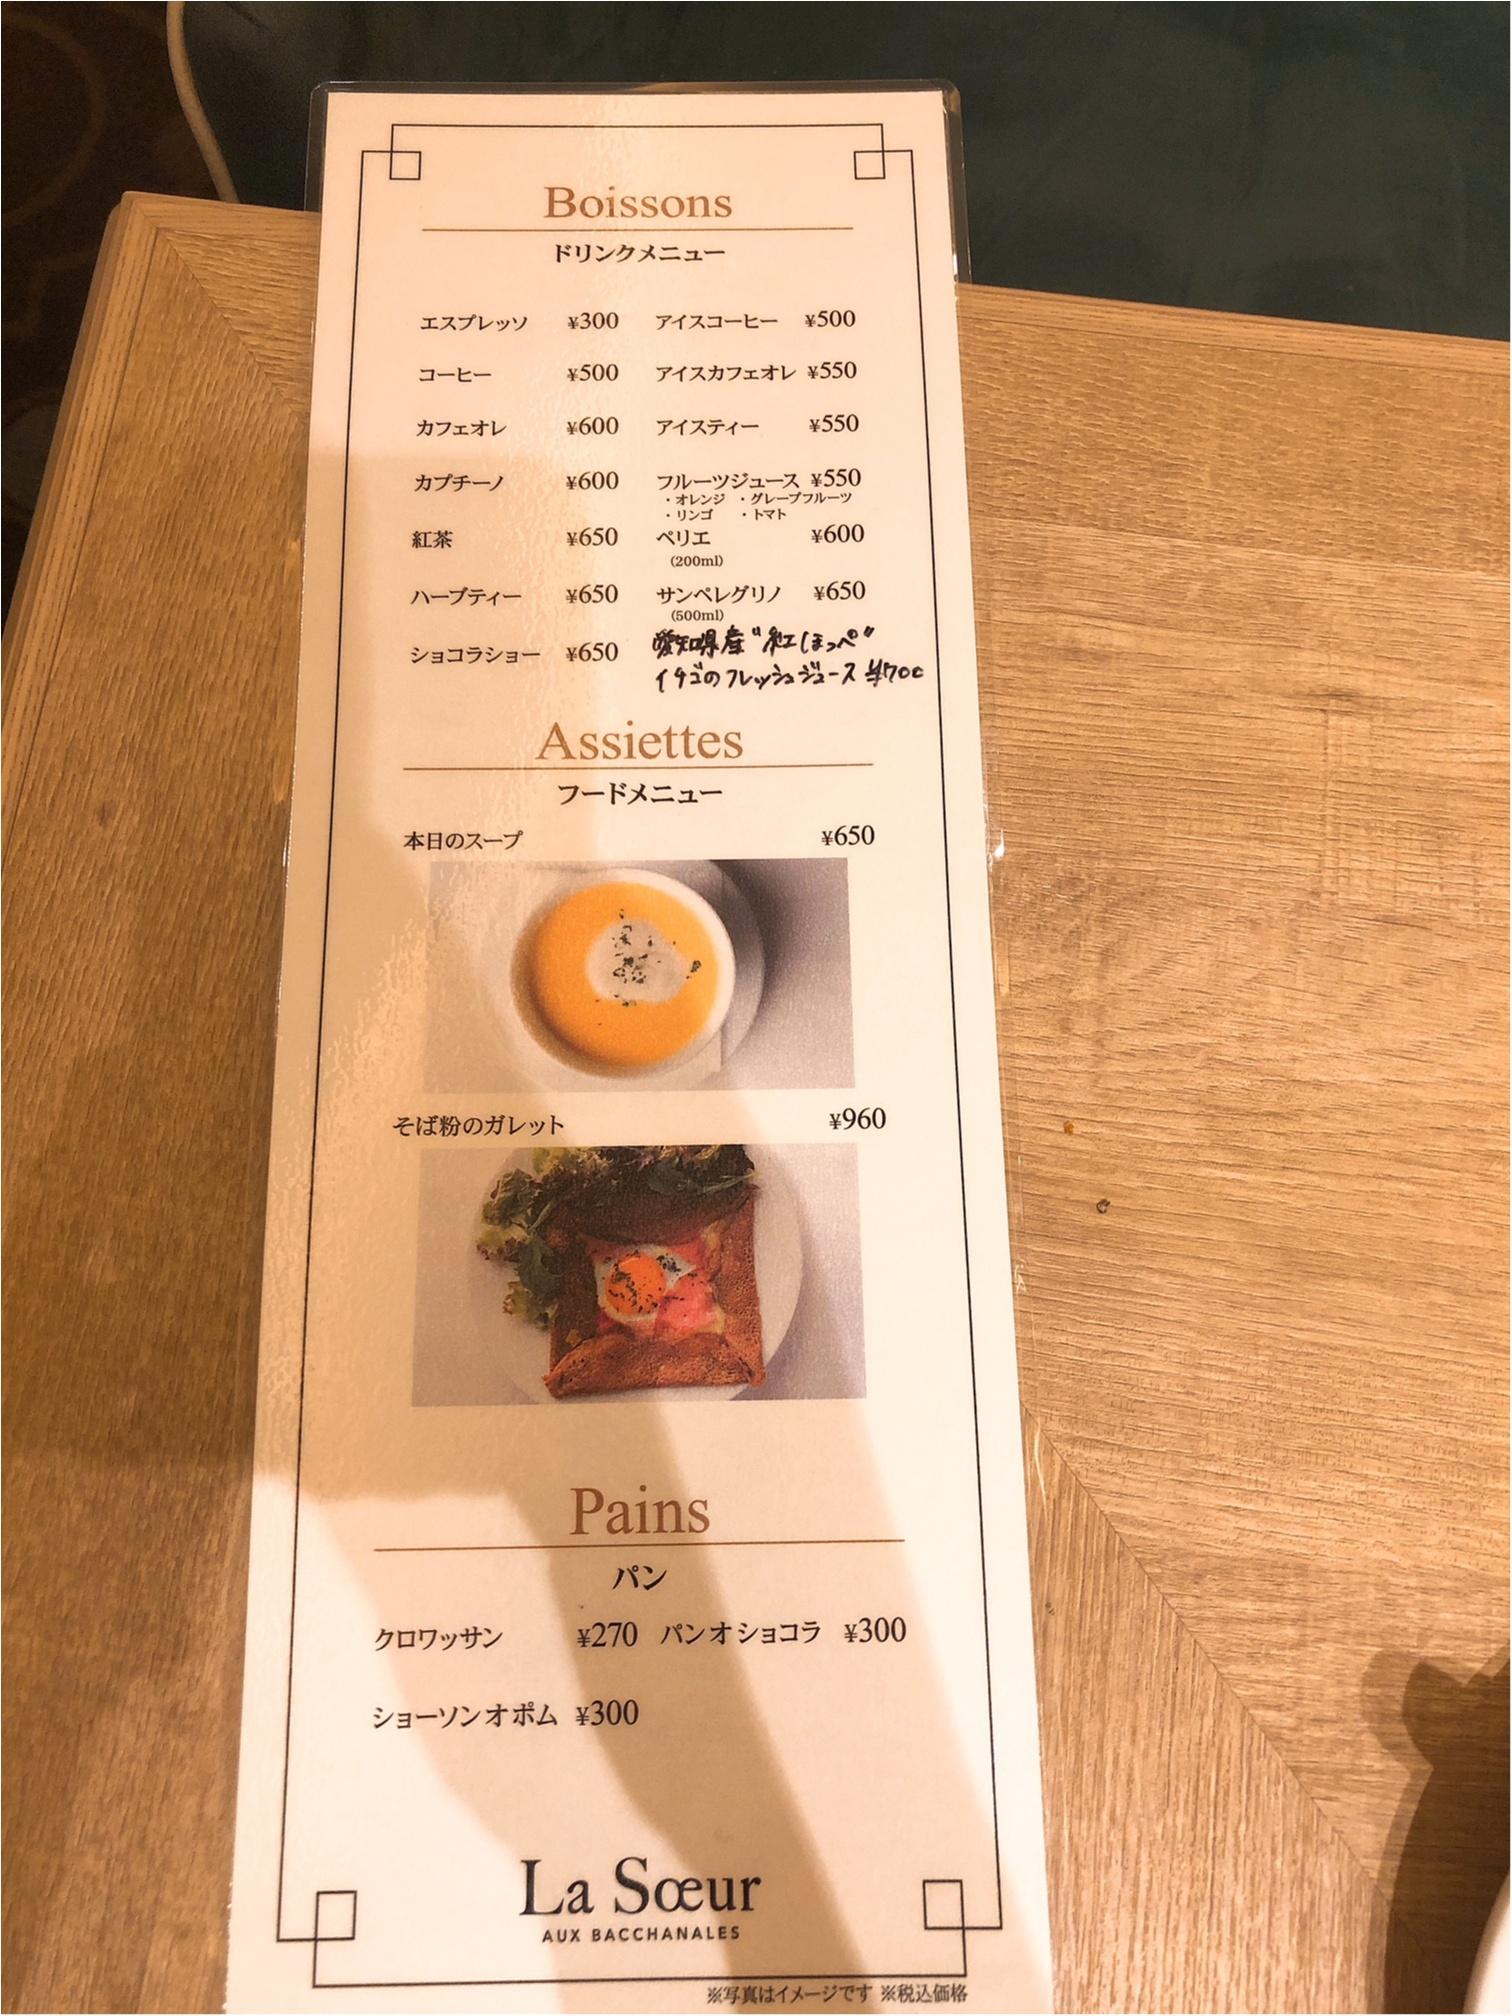 【名古屋】駅直結!コーヒーおかわり自由でついつい長居しちゃう優雅なモーニング♪_4